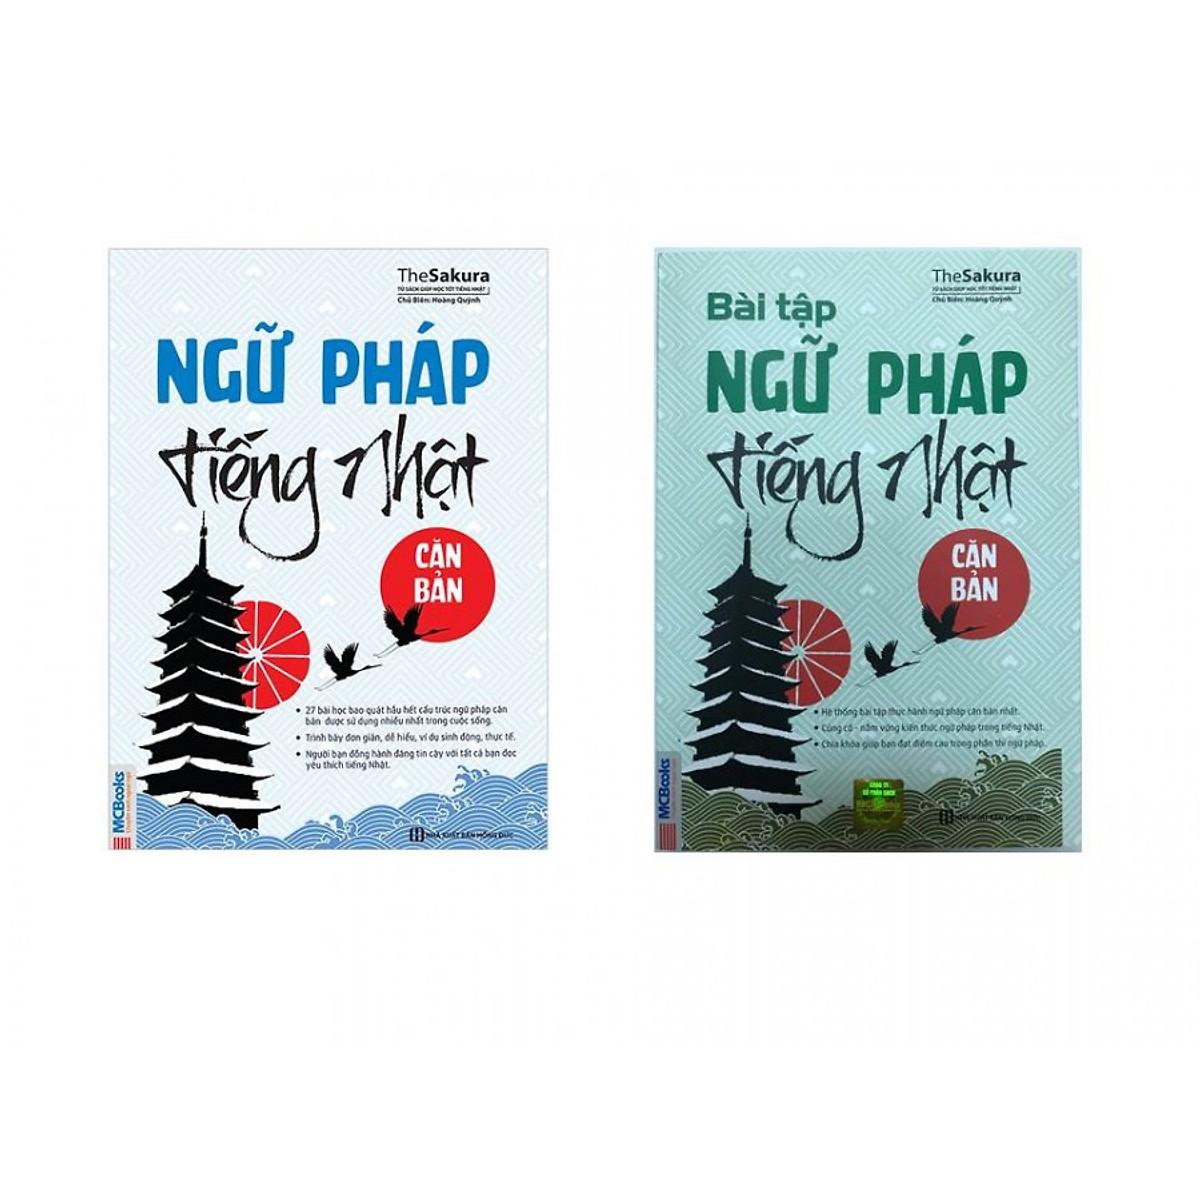 Combo Ngữ Pháp Tiếng Nhật Căn Bản và Bài Tập Ngữ Pháp Tiếng Nhật Căn Bản ( tái bản )